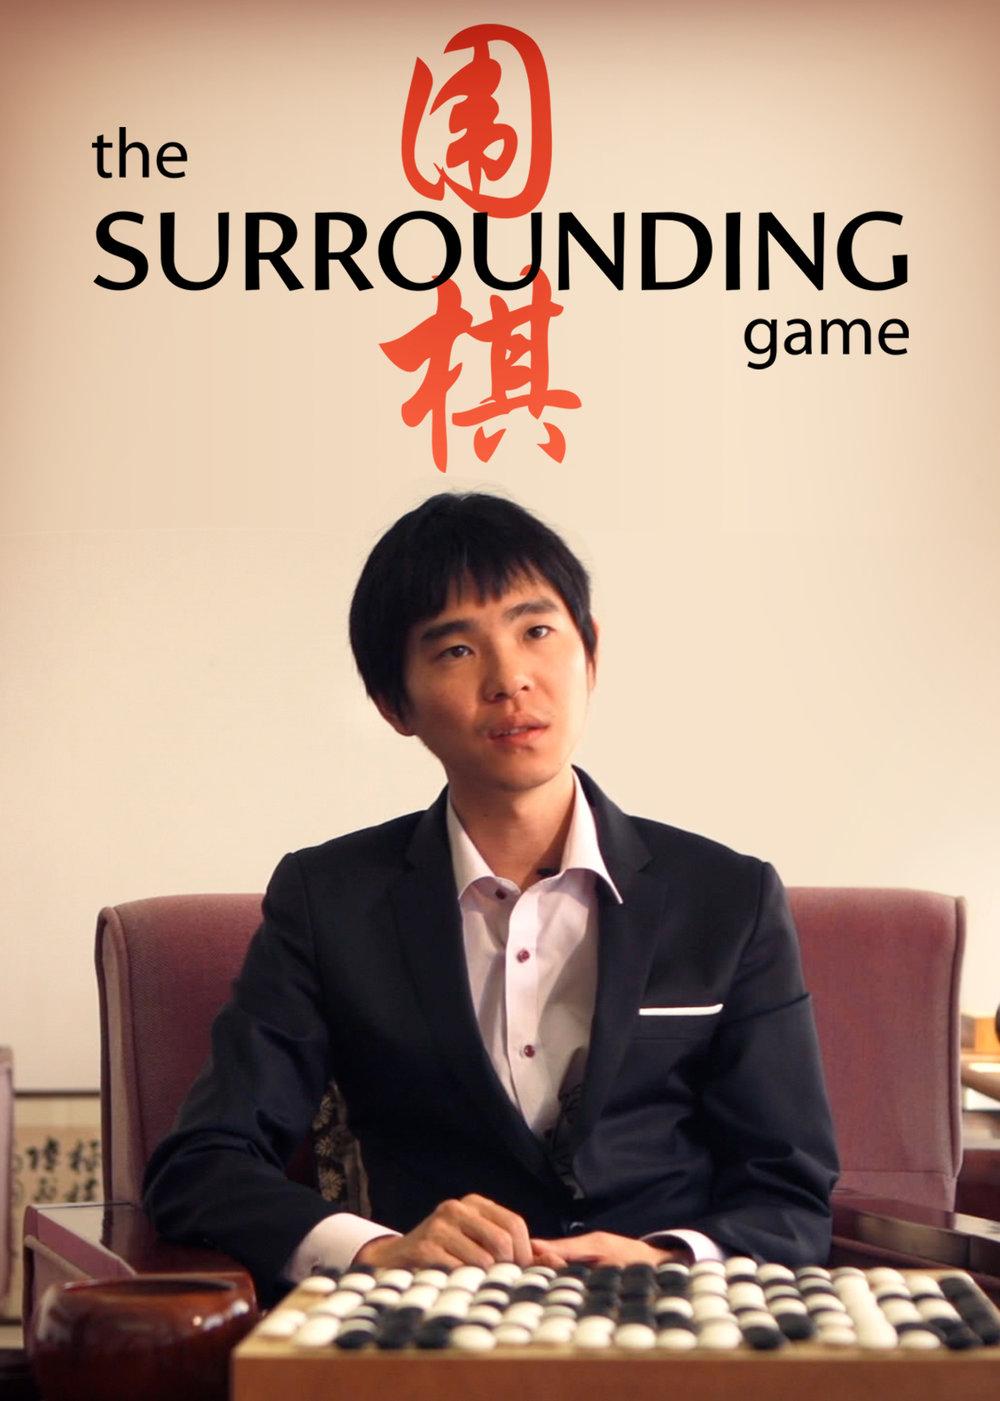 SURROUNDINGGAME_THE_AV5.jpg